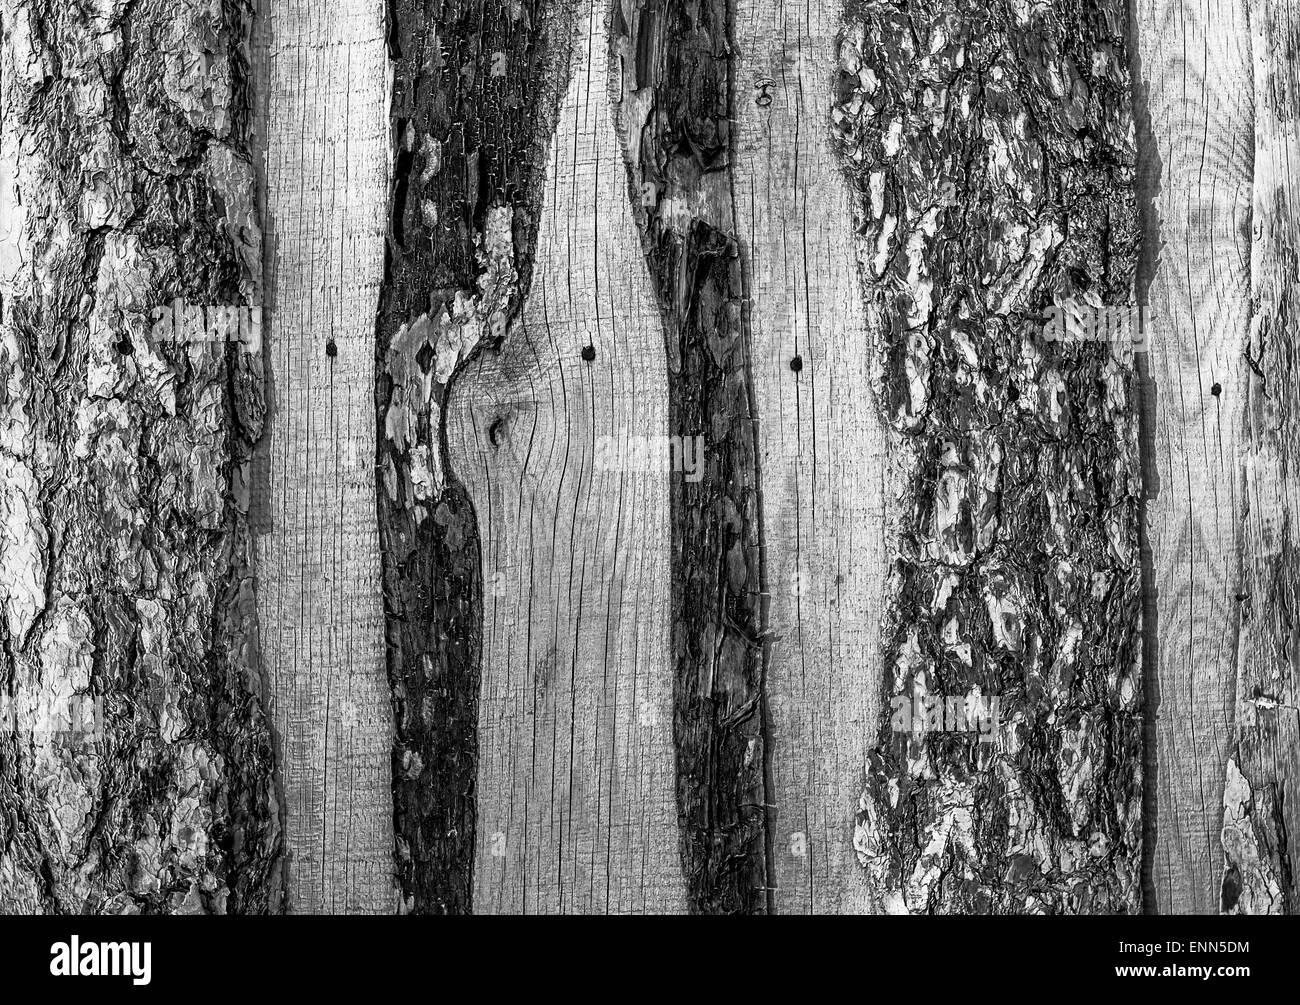 Assi Di Legno Rustiche : Assi di legno formano una recinzione rustica con segni di unghie